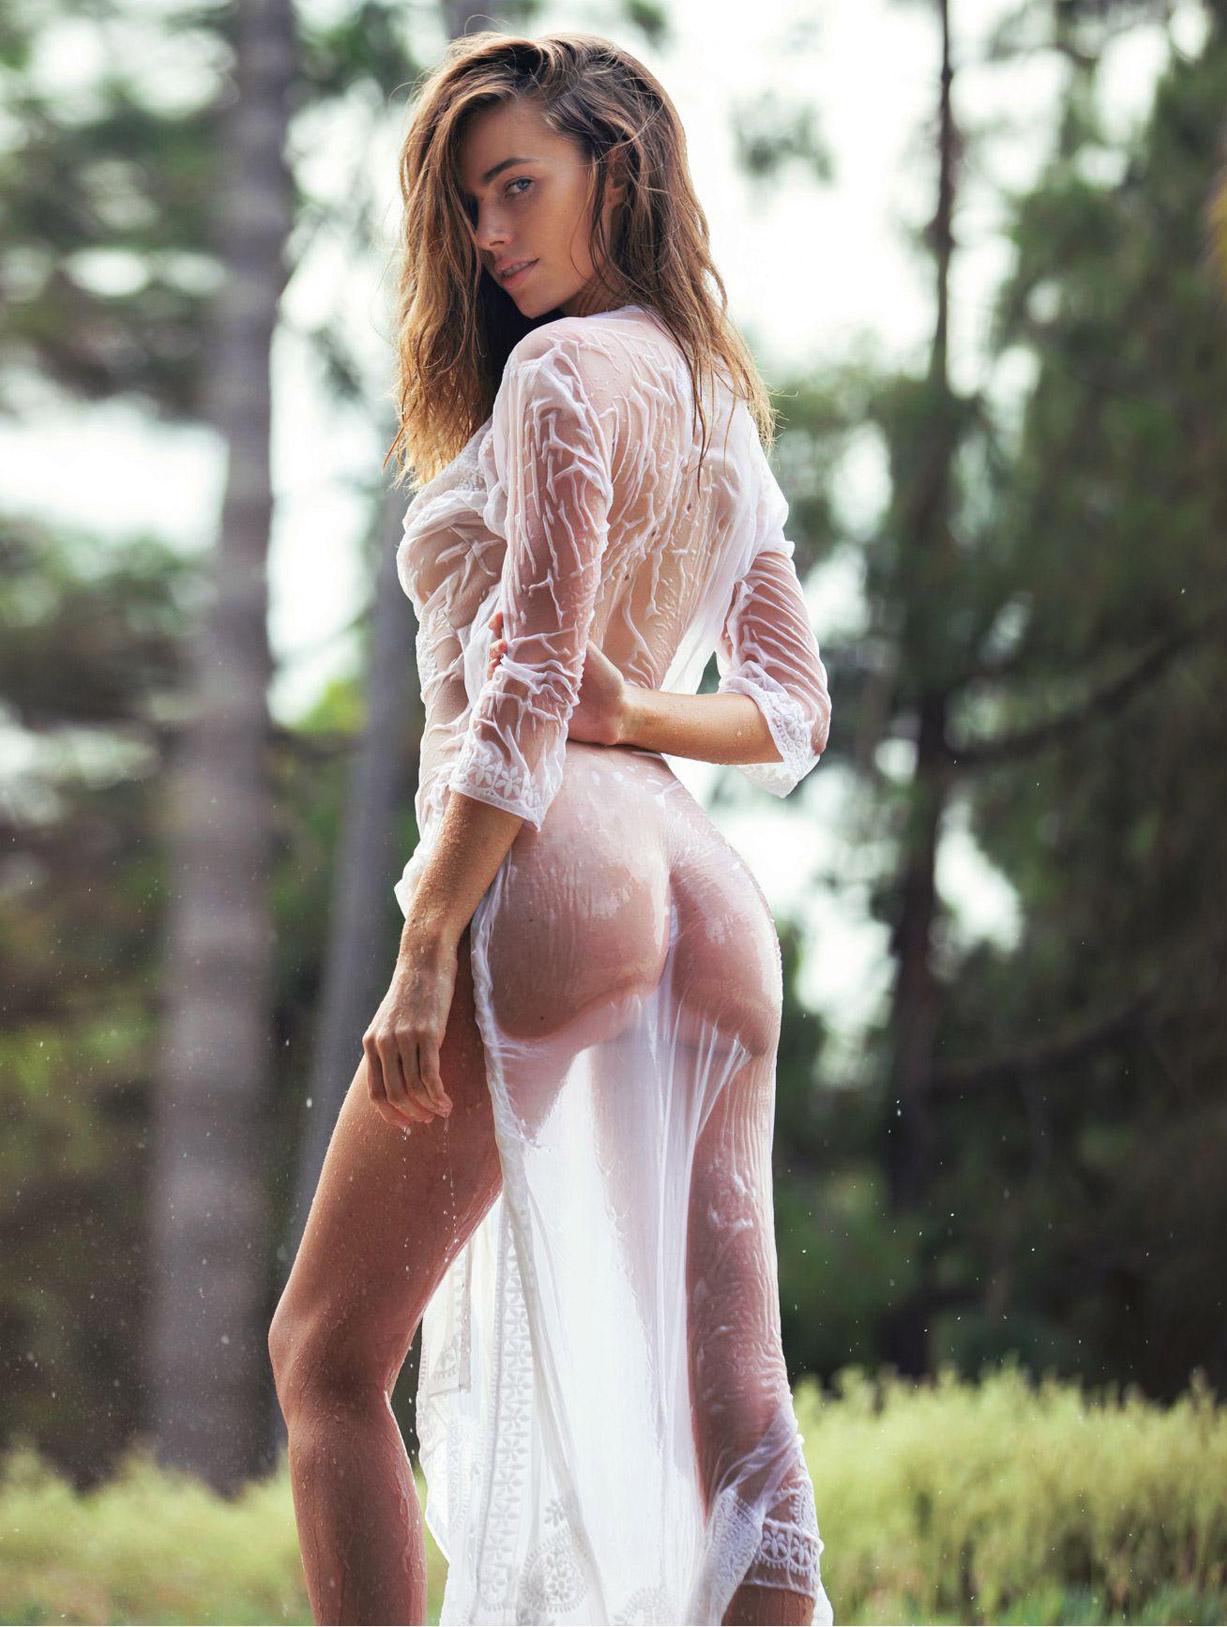 модель Антея Пейдж / Anthea Page by David Bellemere - Playboy USA june 2016